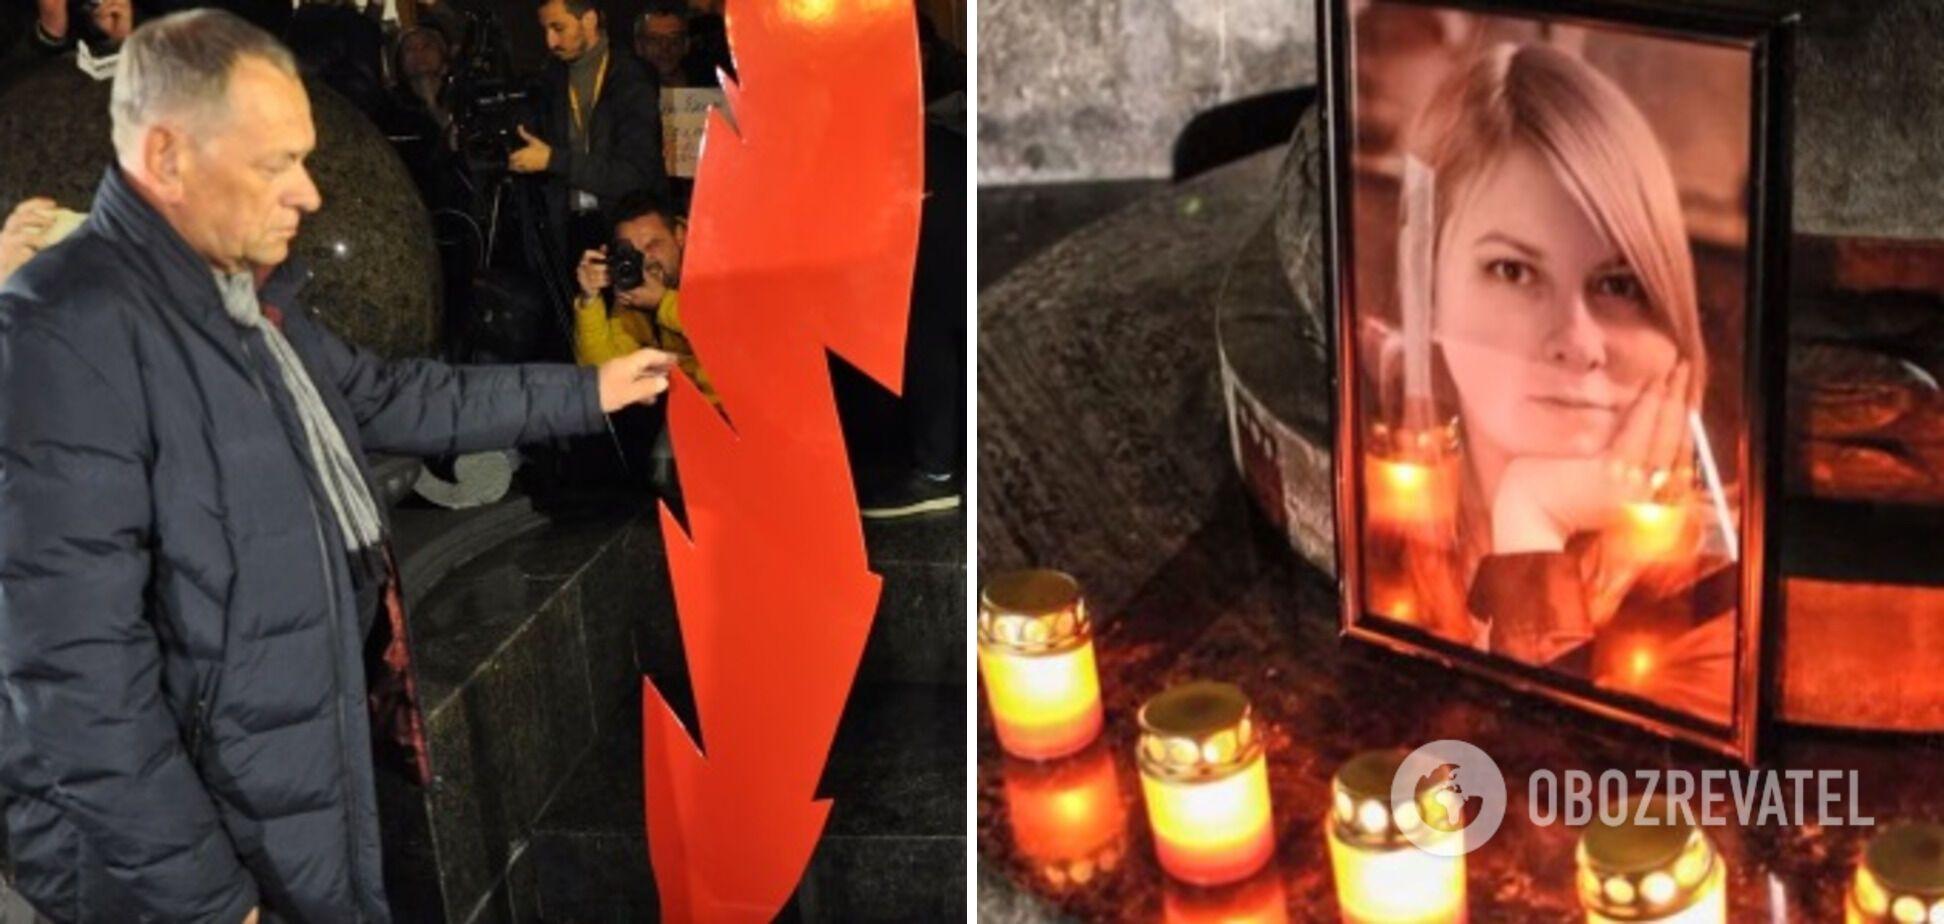 Сегодня третья годовщина нападения на Екатерину Гандзюк.